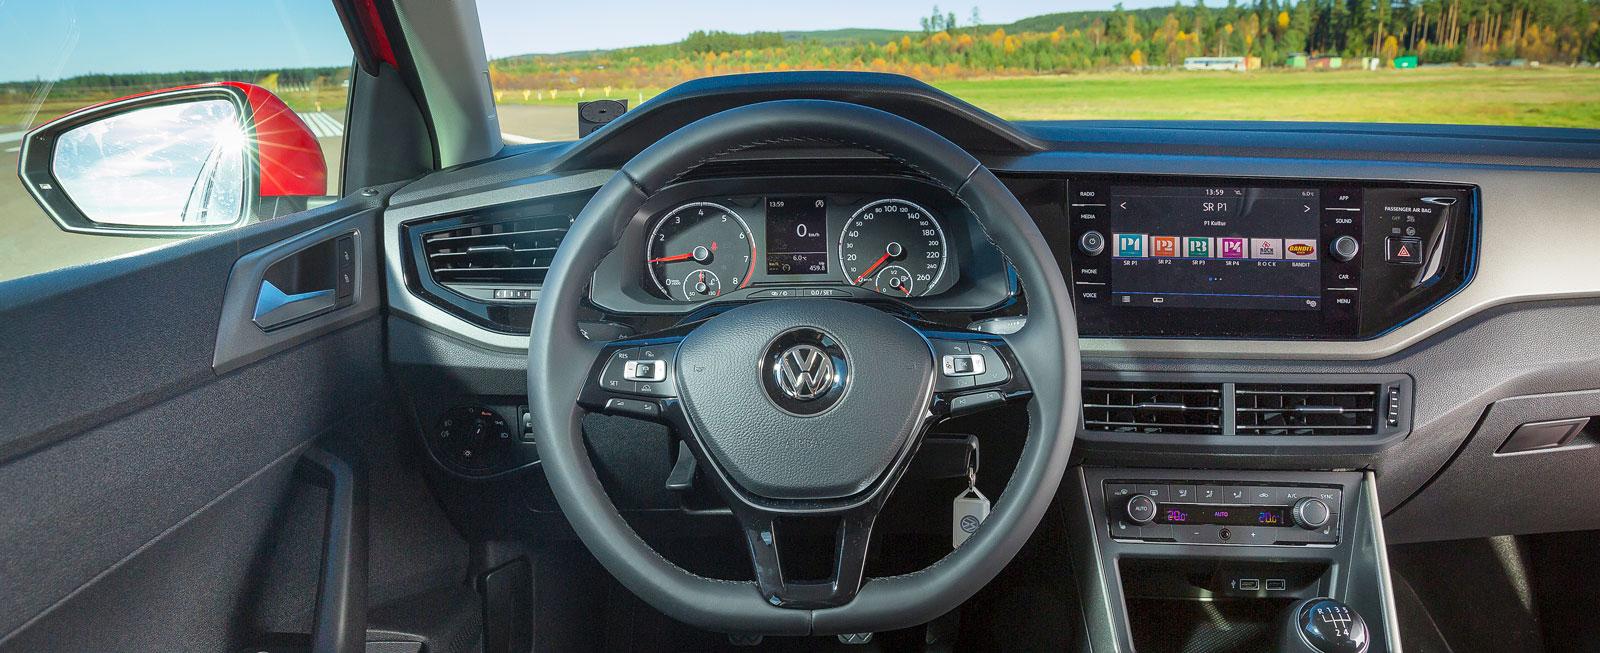 Förarmiljö typ VW. Här känner man igen sig, trots att det mesta är nytt. Förarstolen är bäst i test och samma sak gäller körsmidighet och mediesystem.